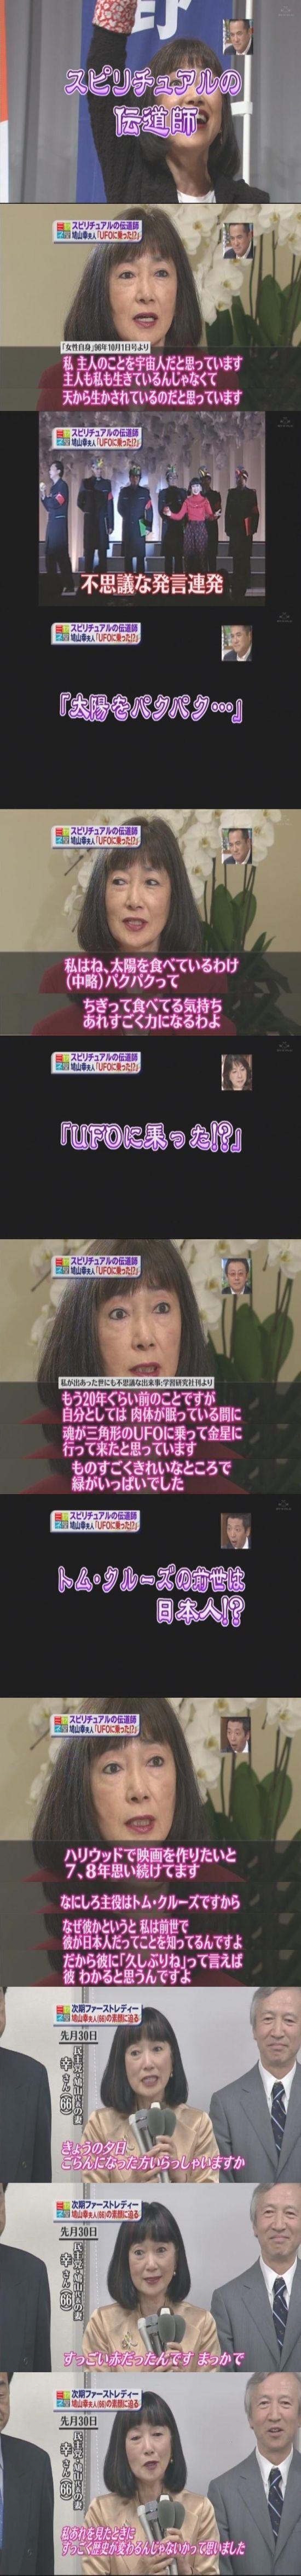 kimohatoyomemiyuki1.jpg